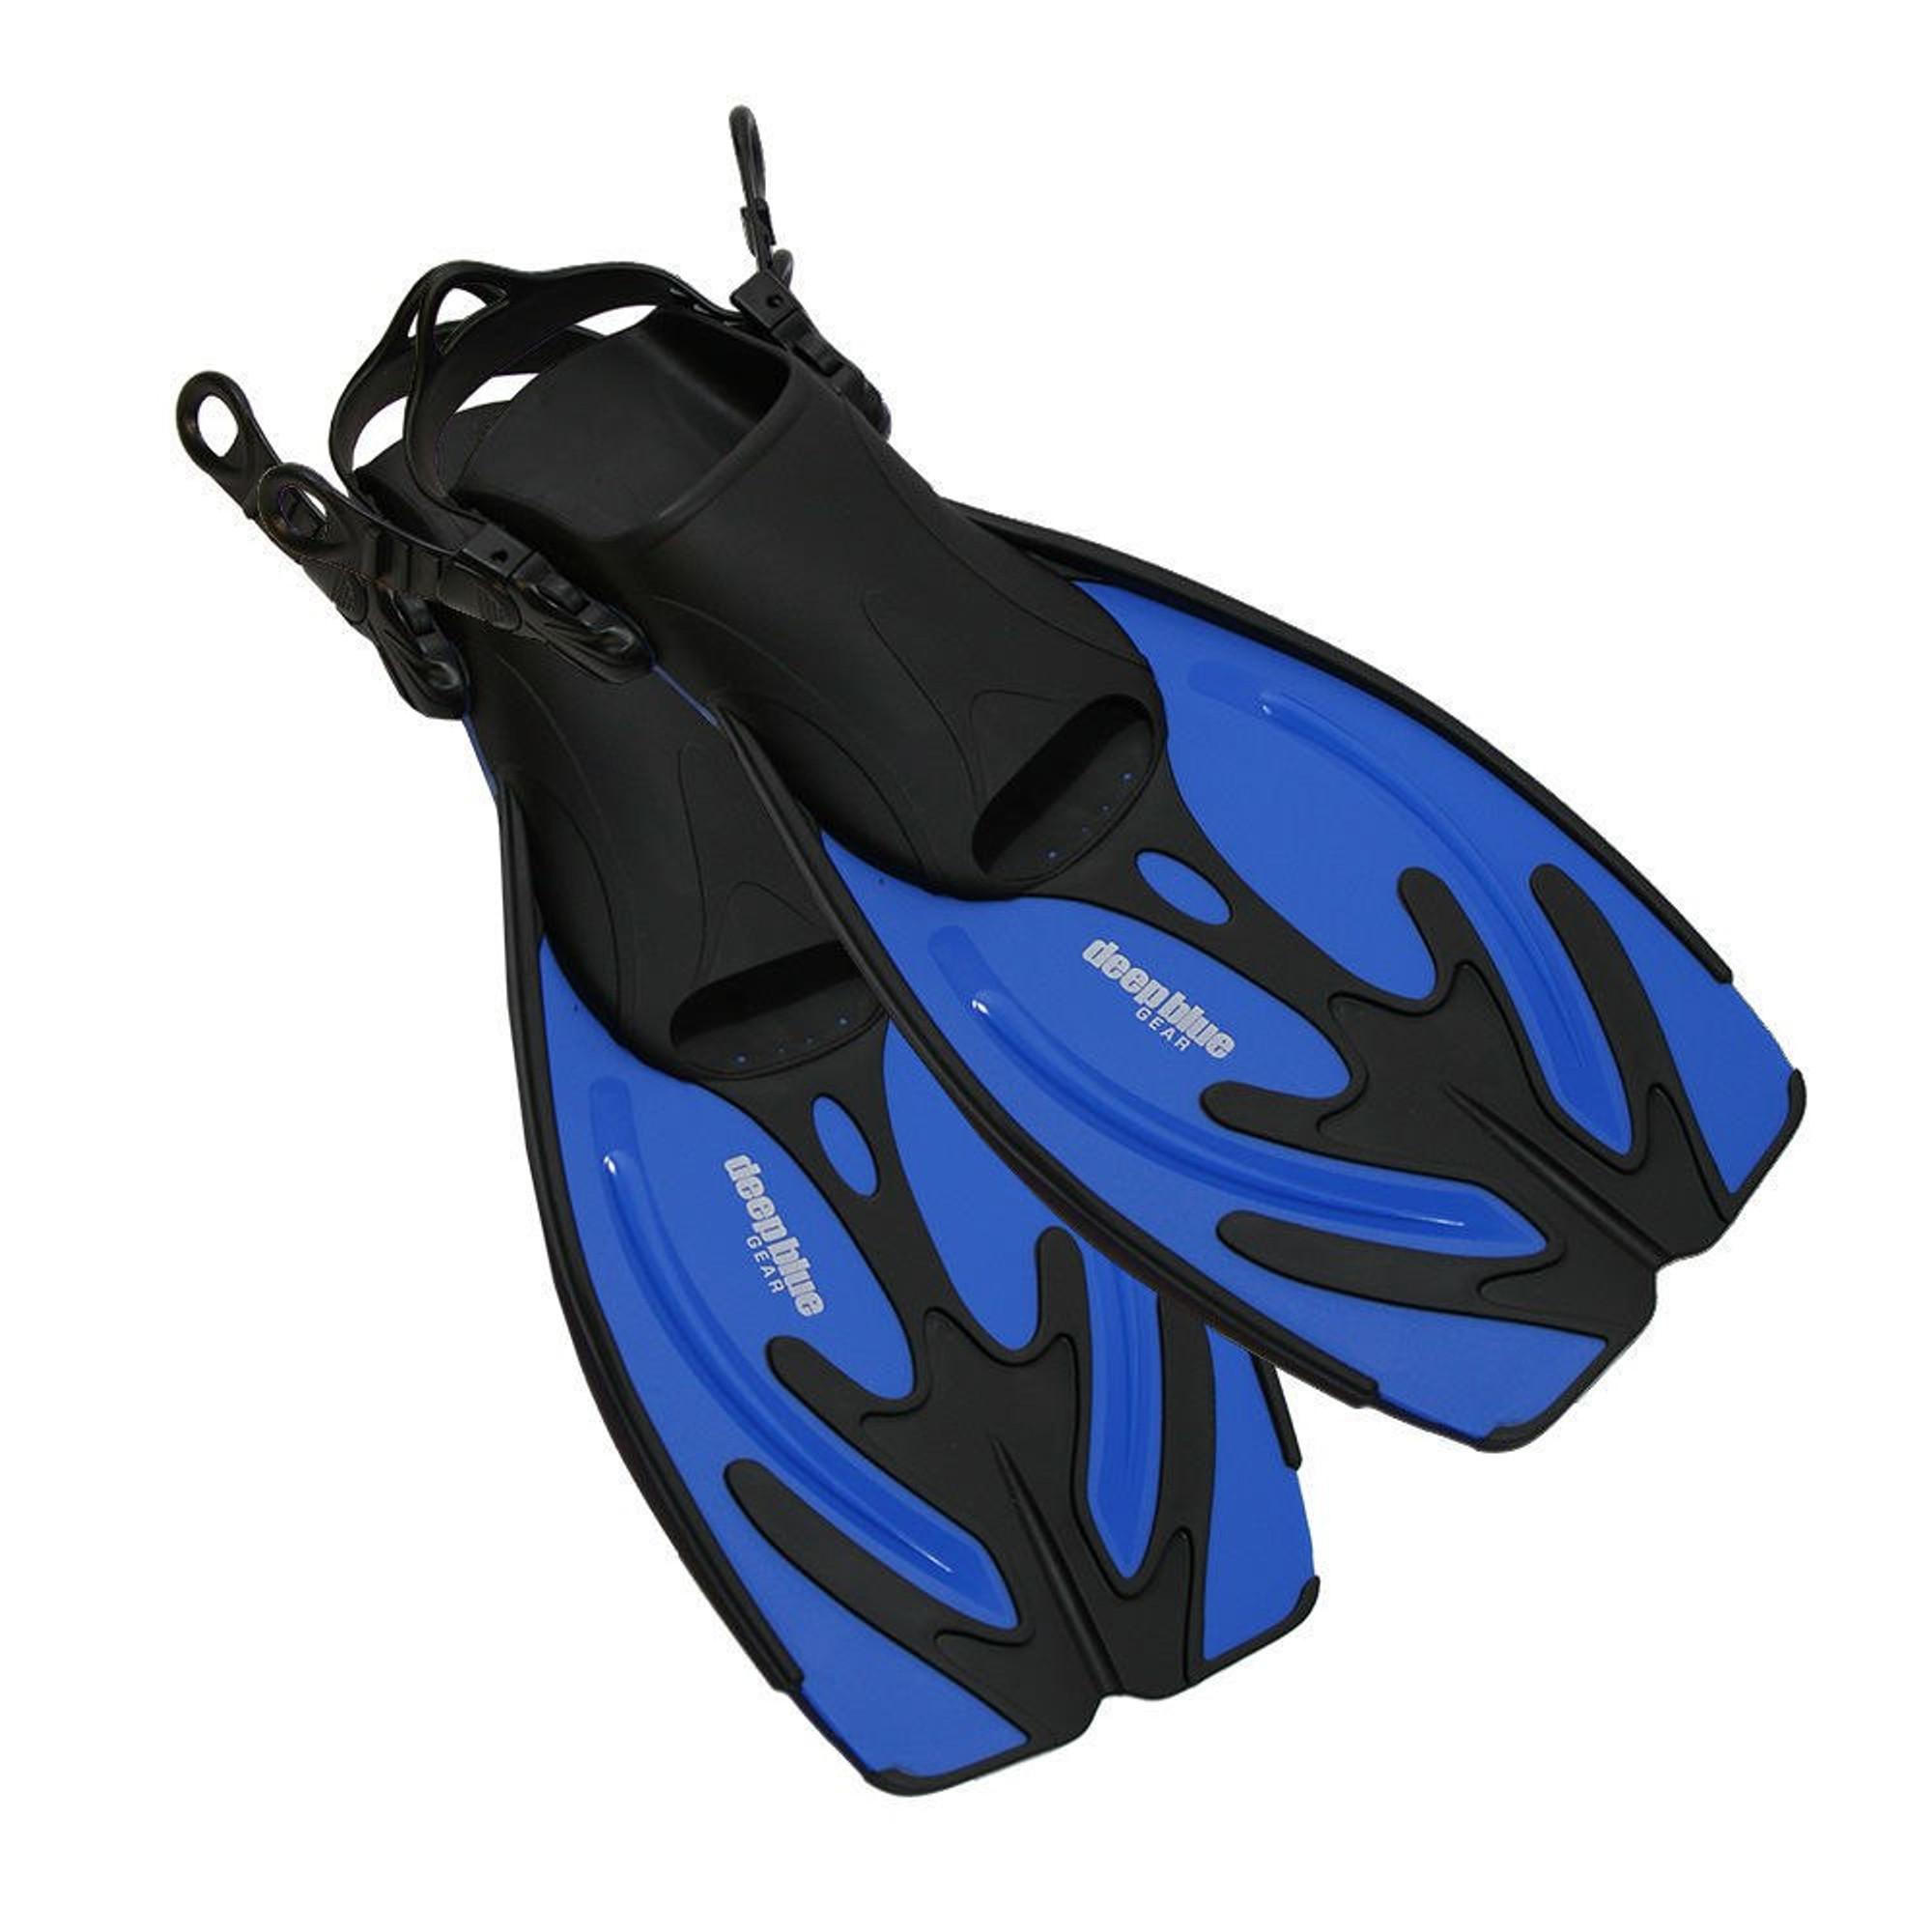 Maui Junior - Kid's Snorkeling Set